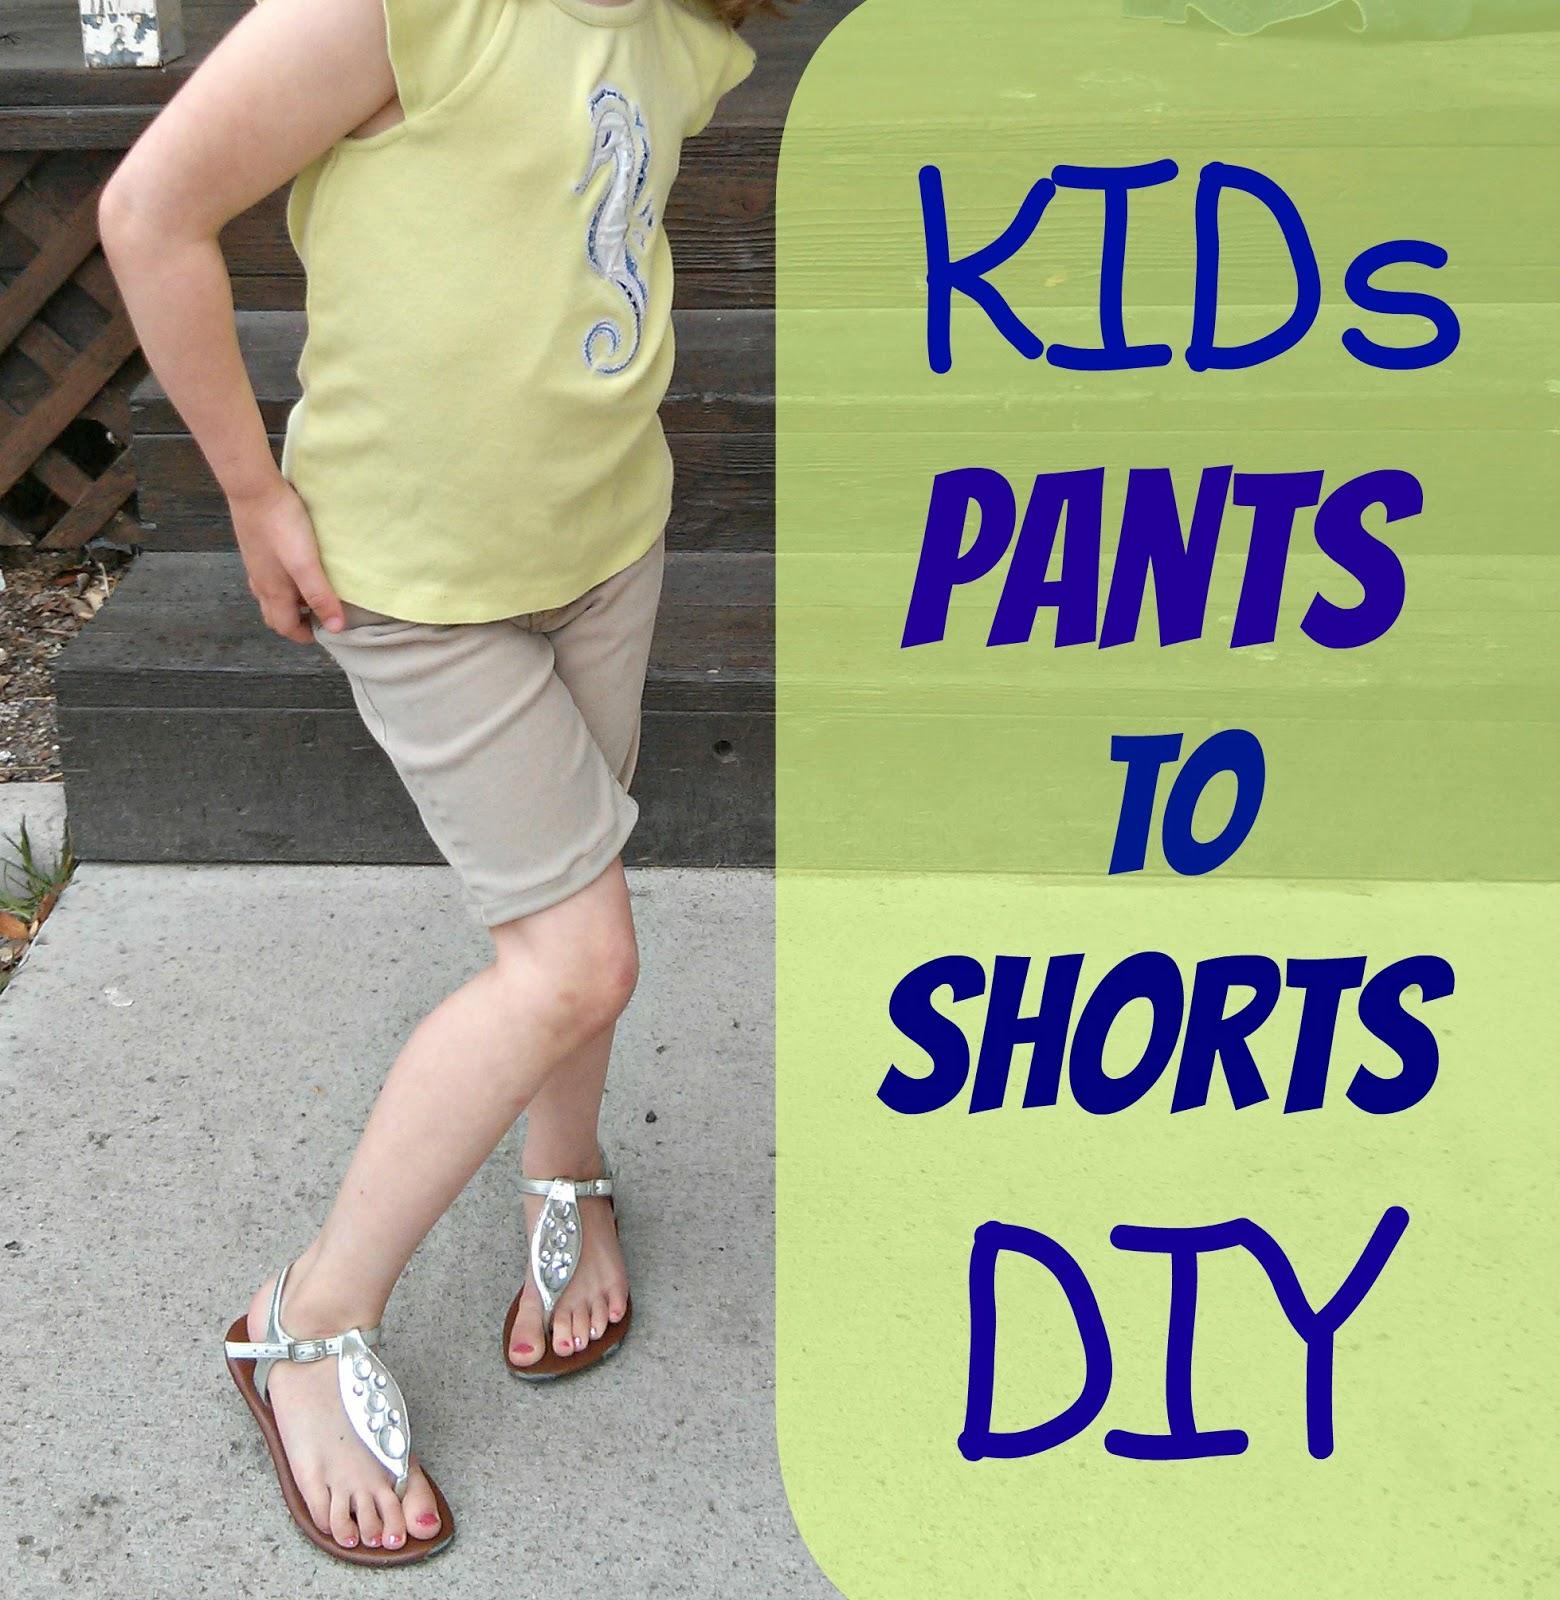 DIY pants into shorts